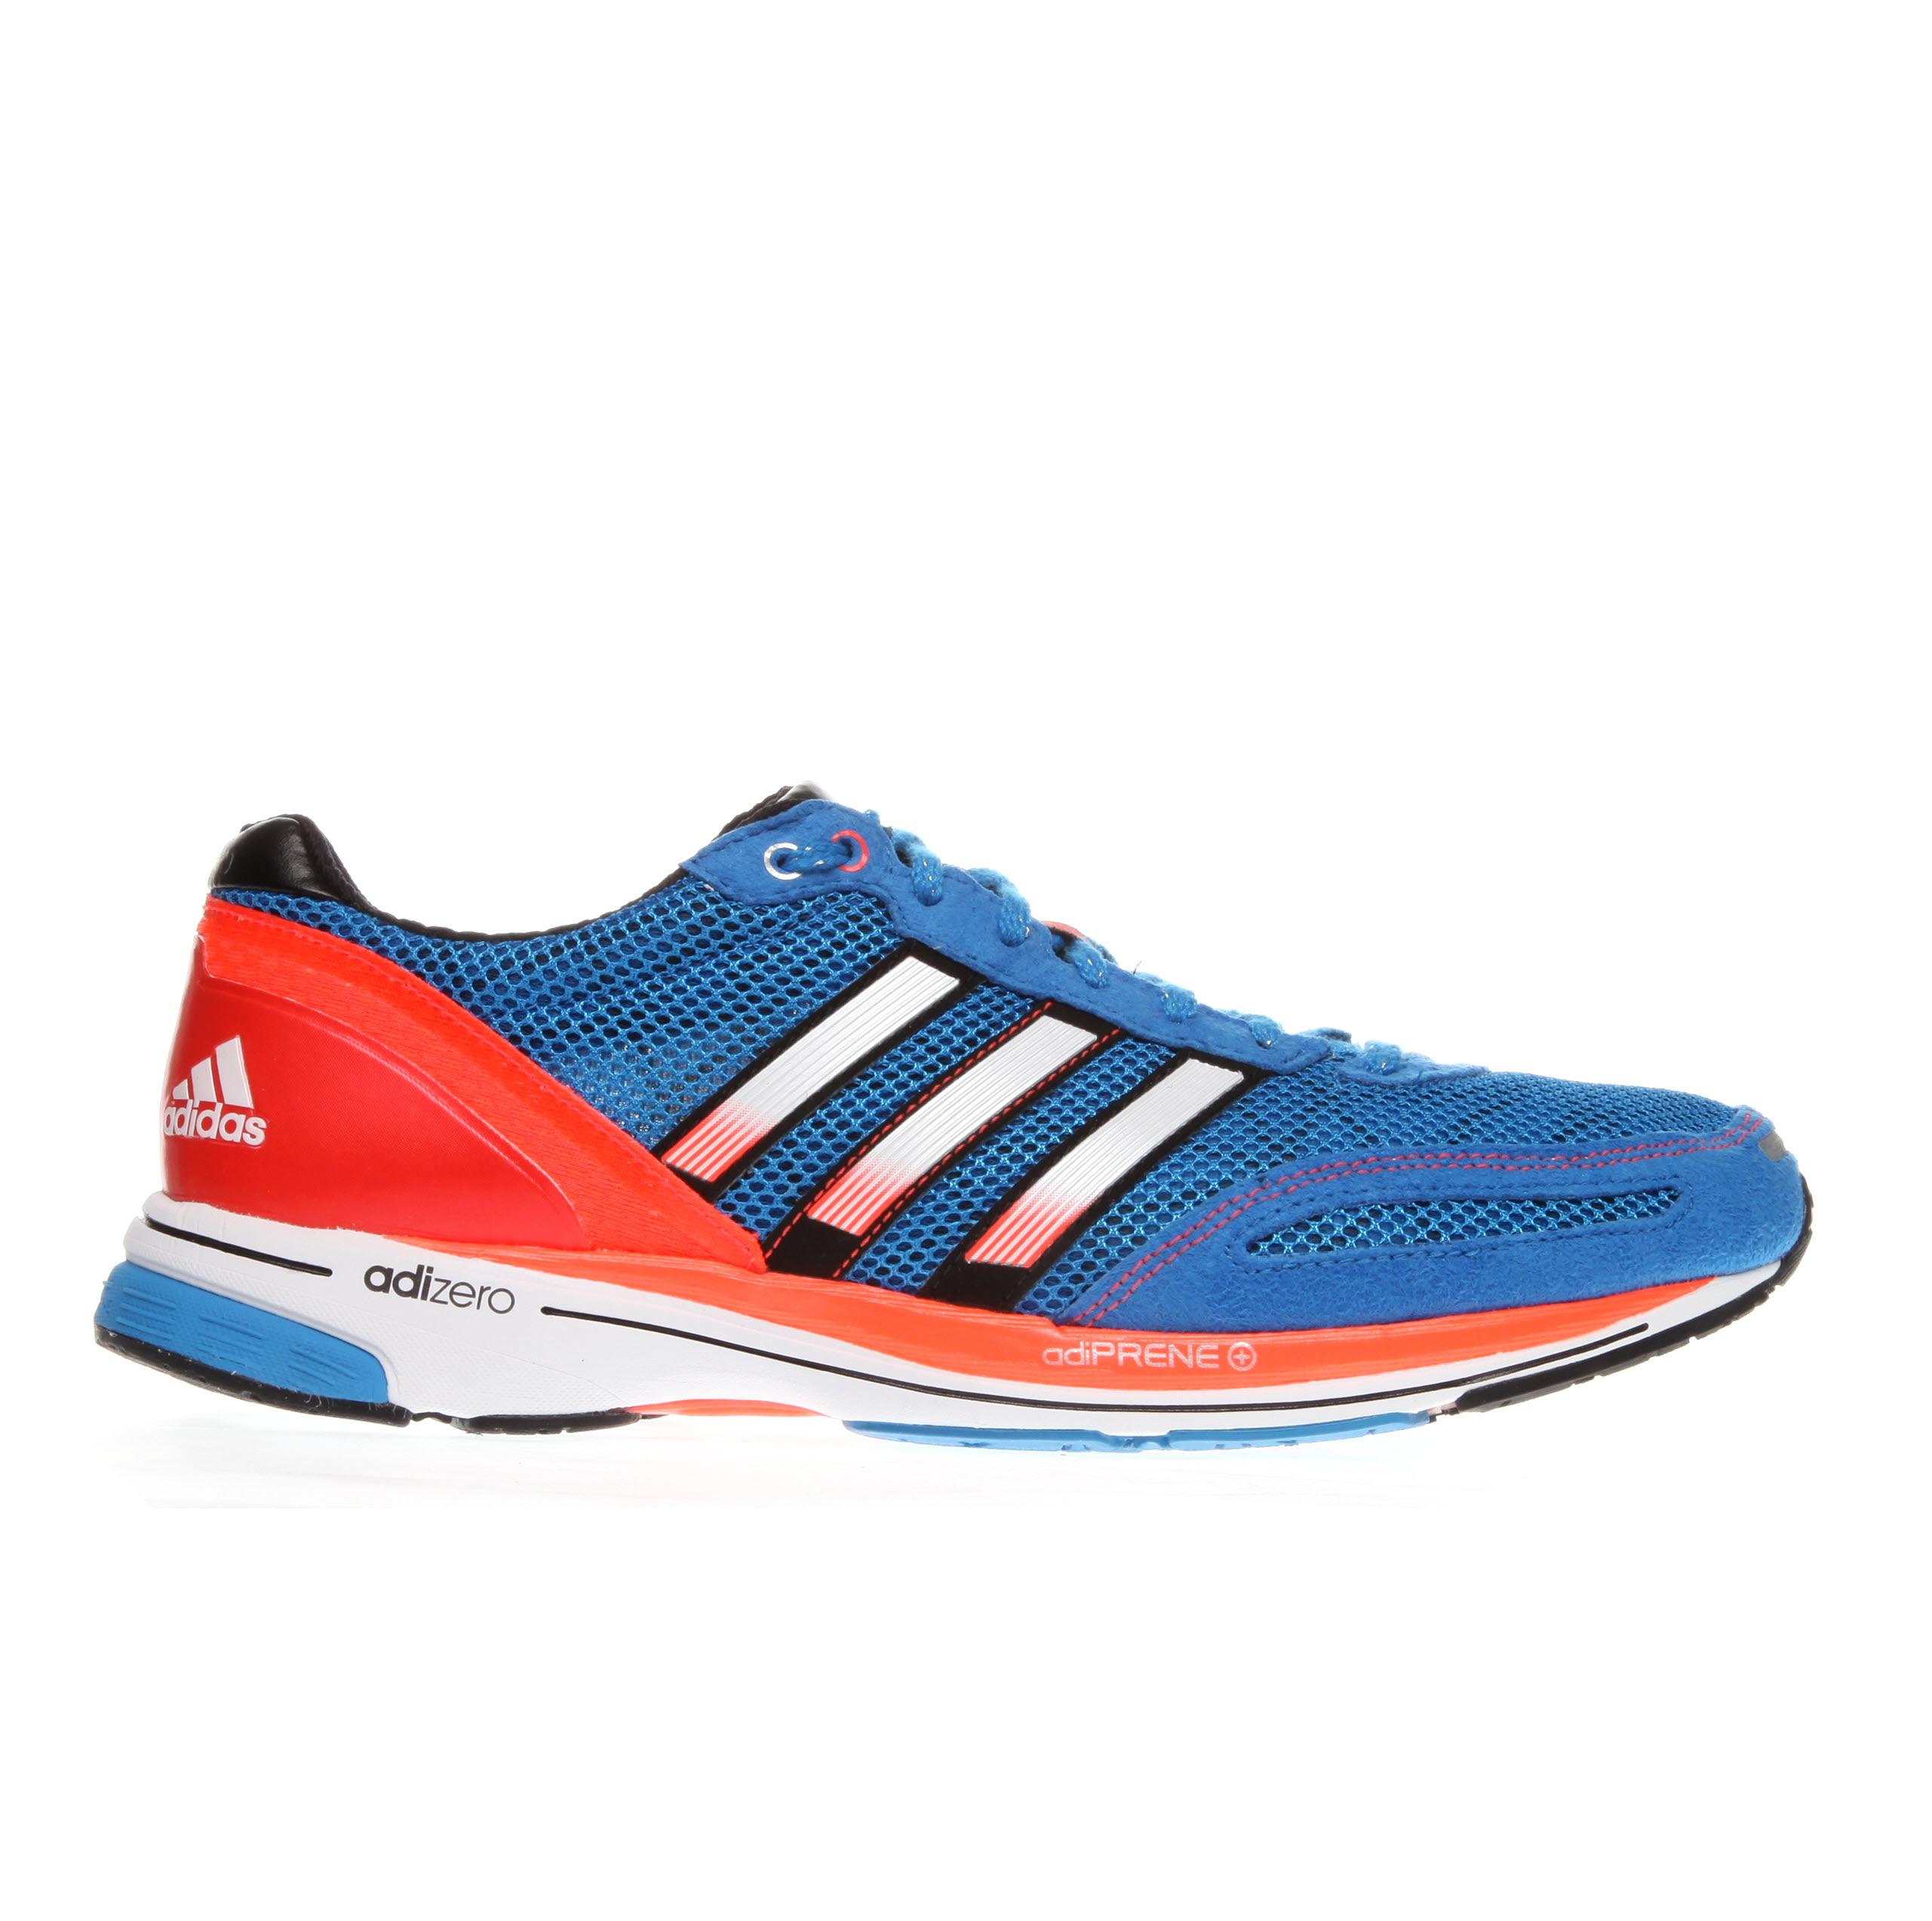 Adidas Adios | Adizero Adios 2 | Adidas Adios Boost Womens